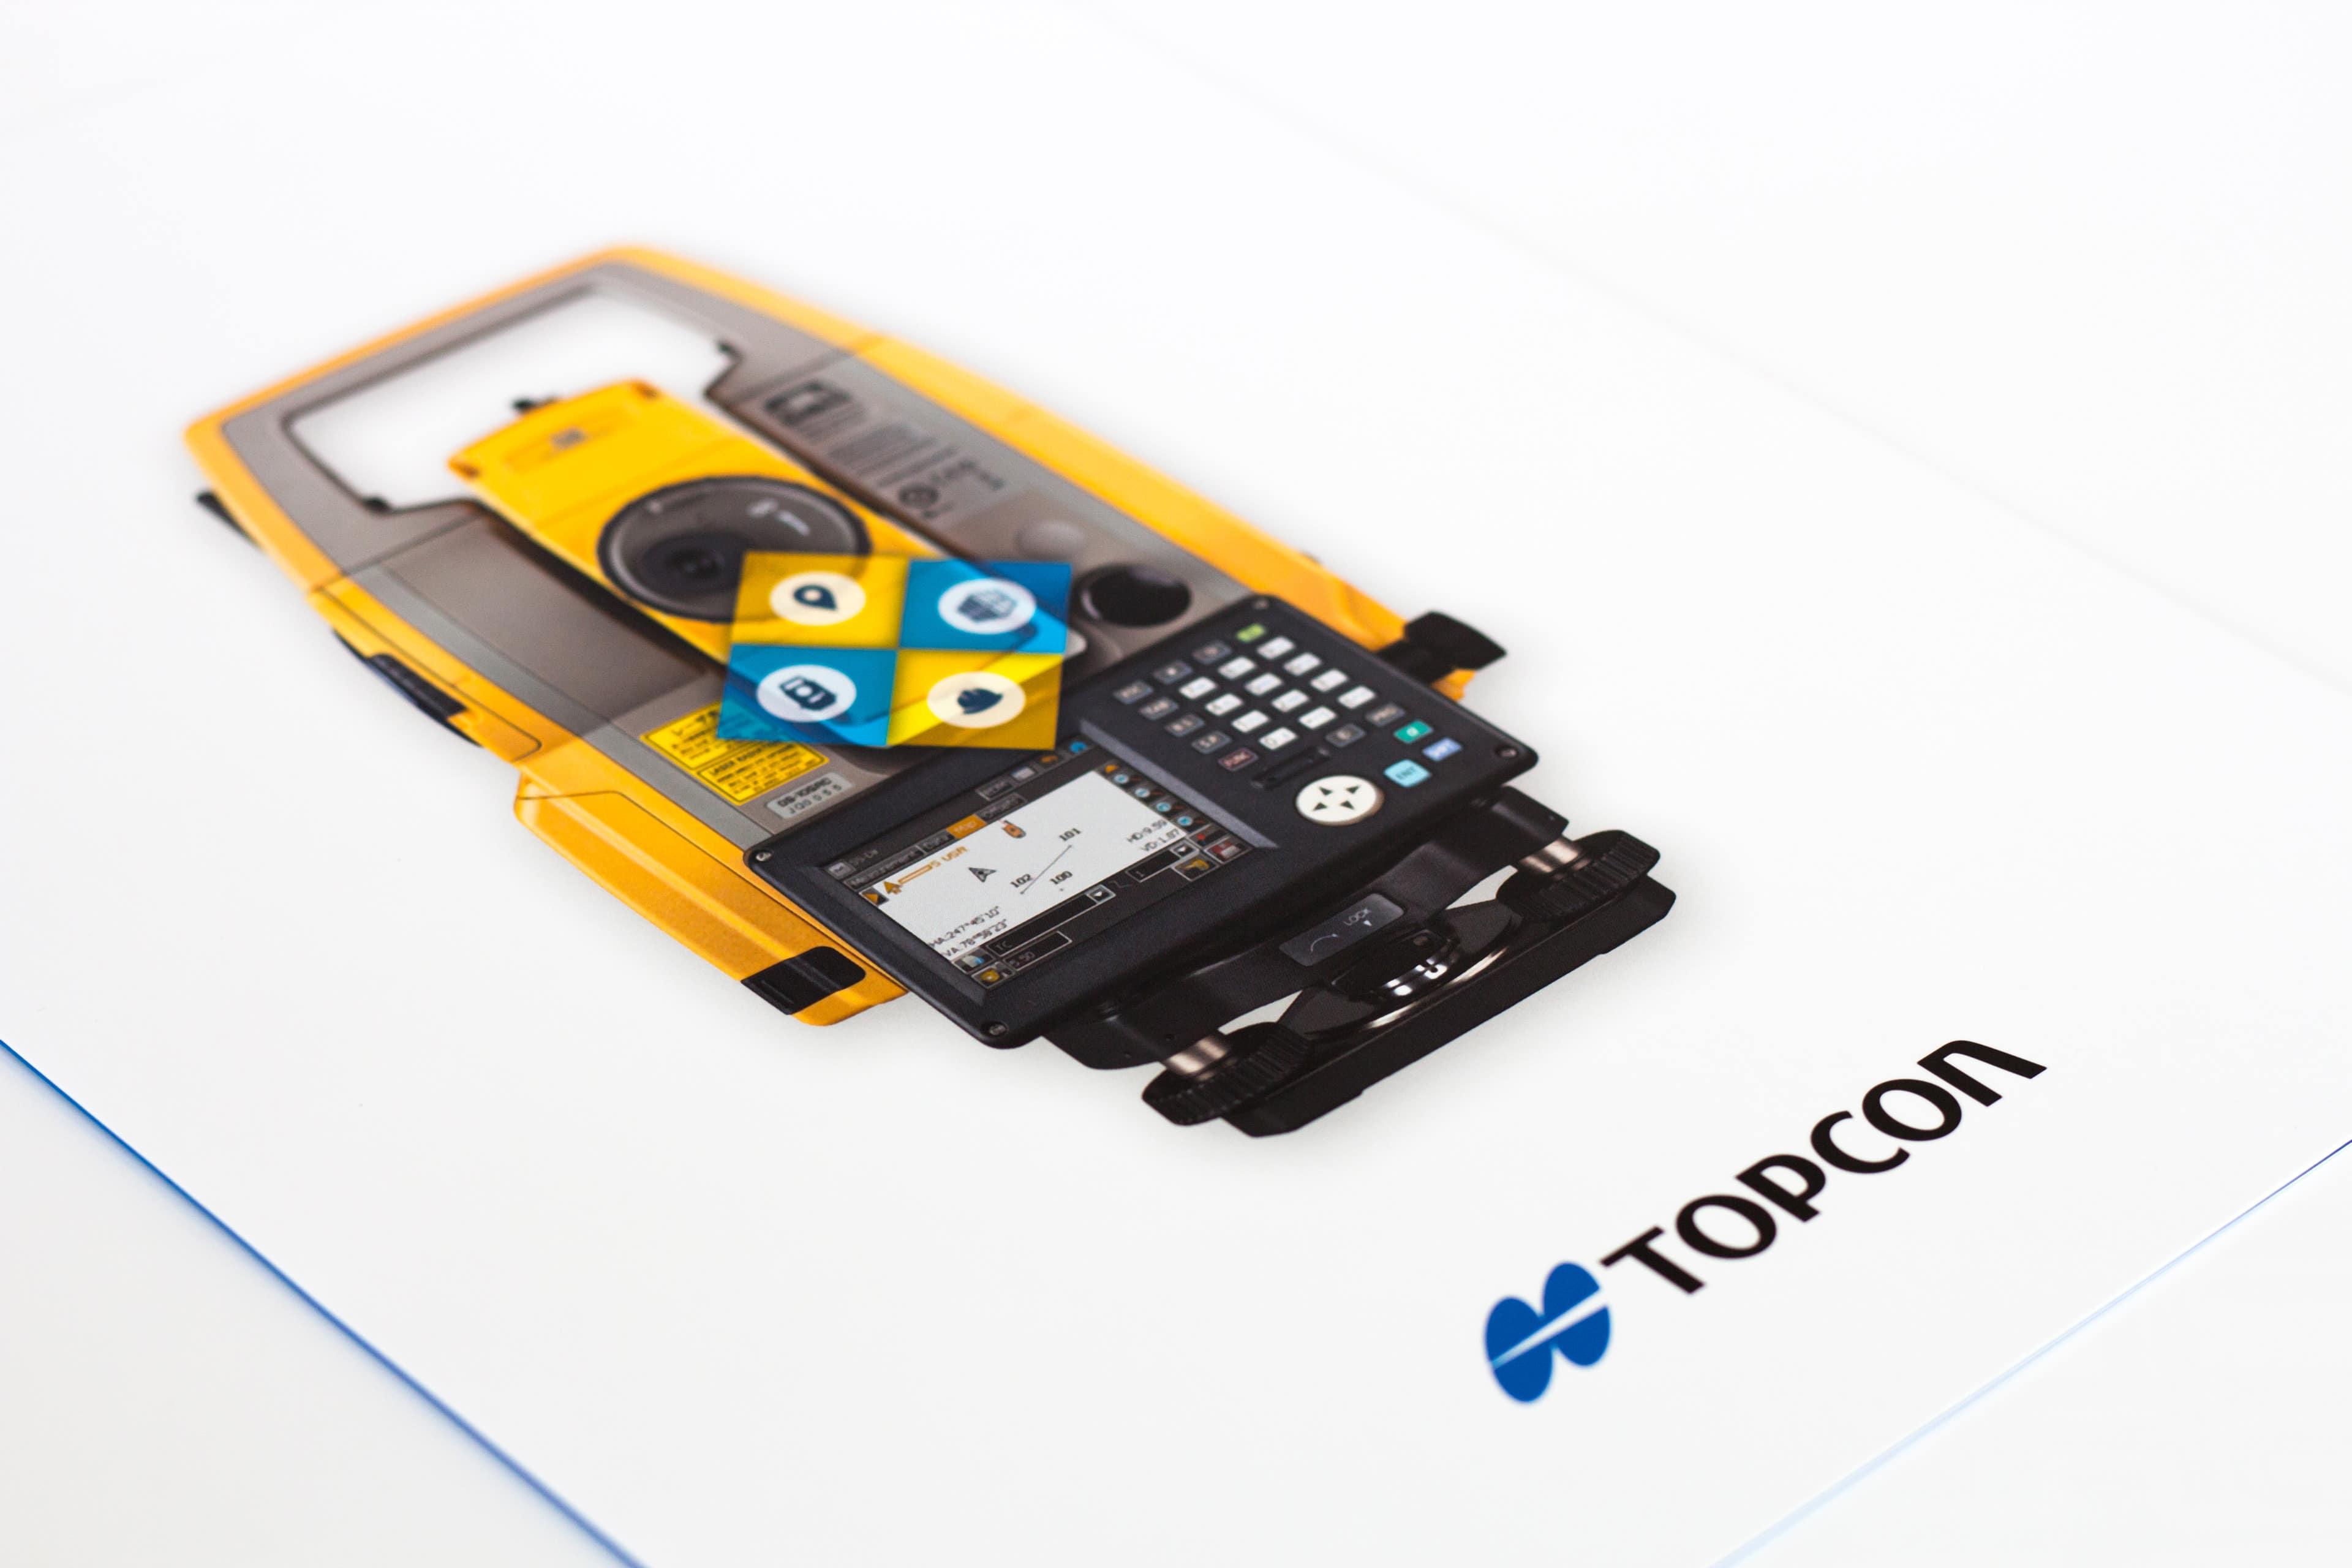 Couverture de pochette commerciale TOPCON montrant le nouveau produit